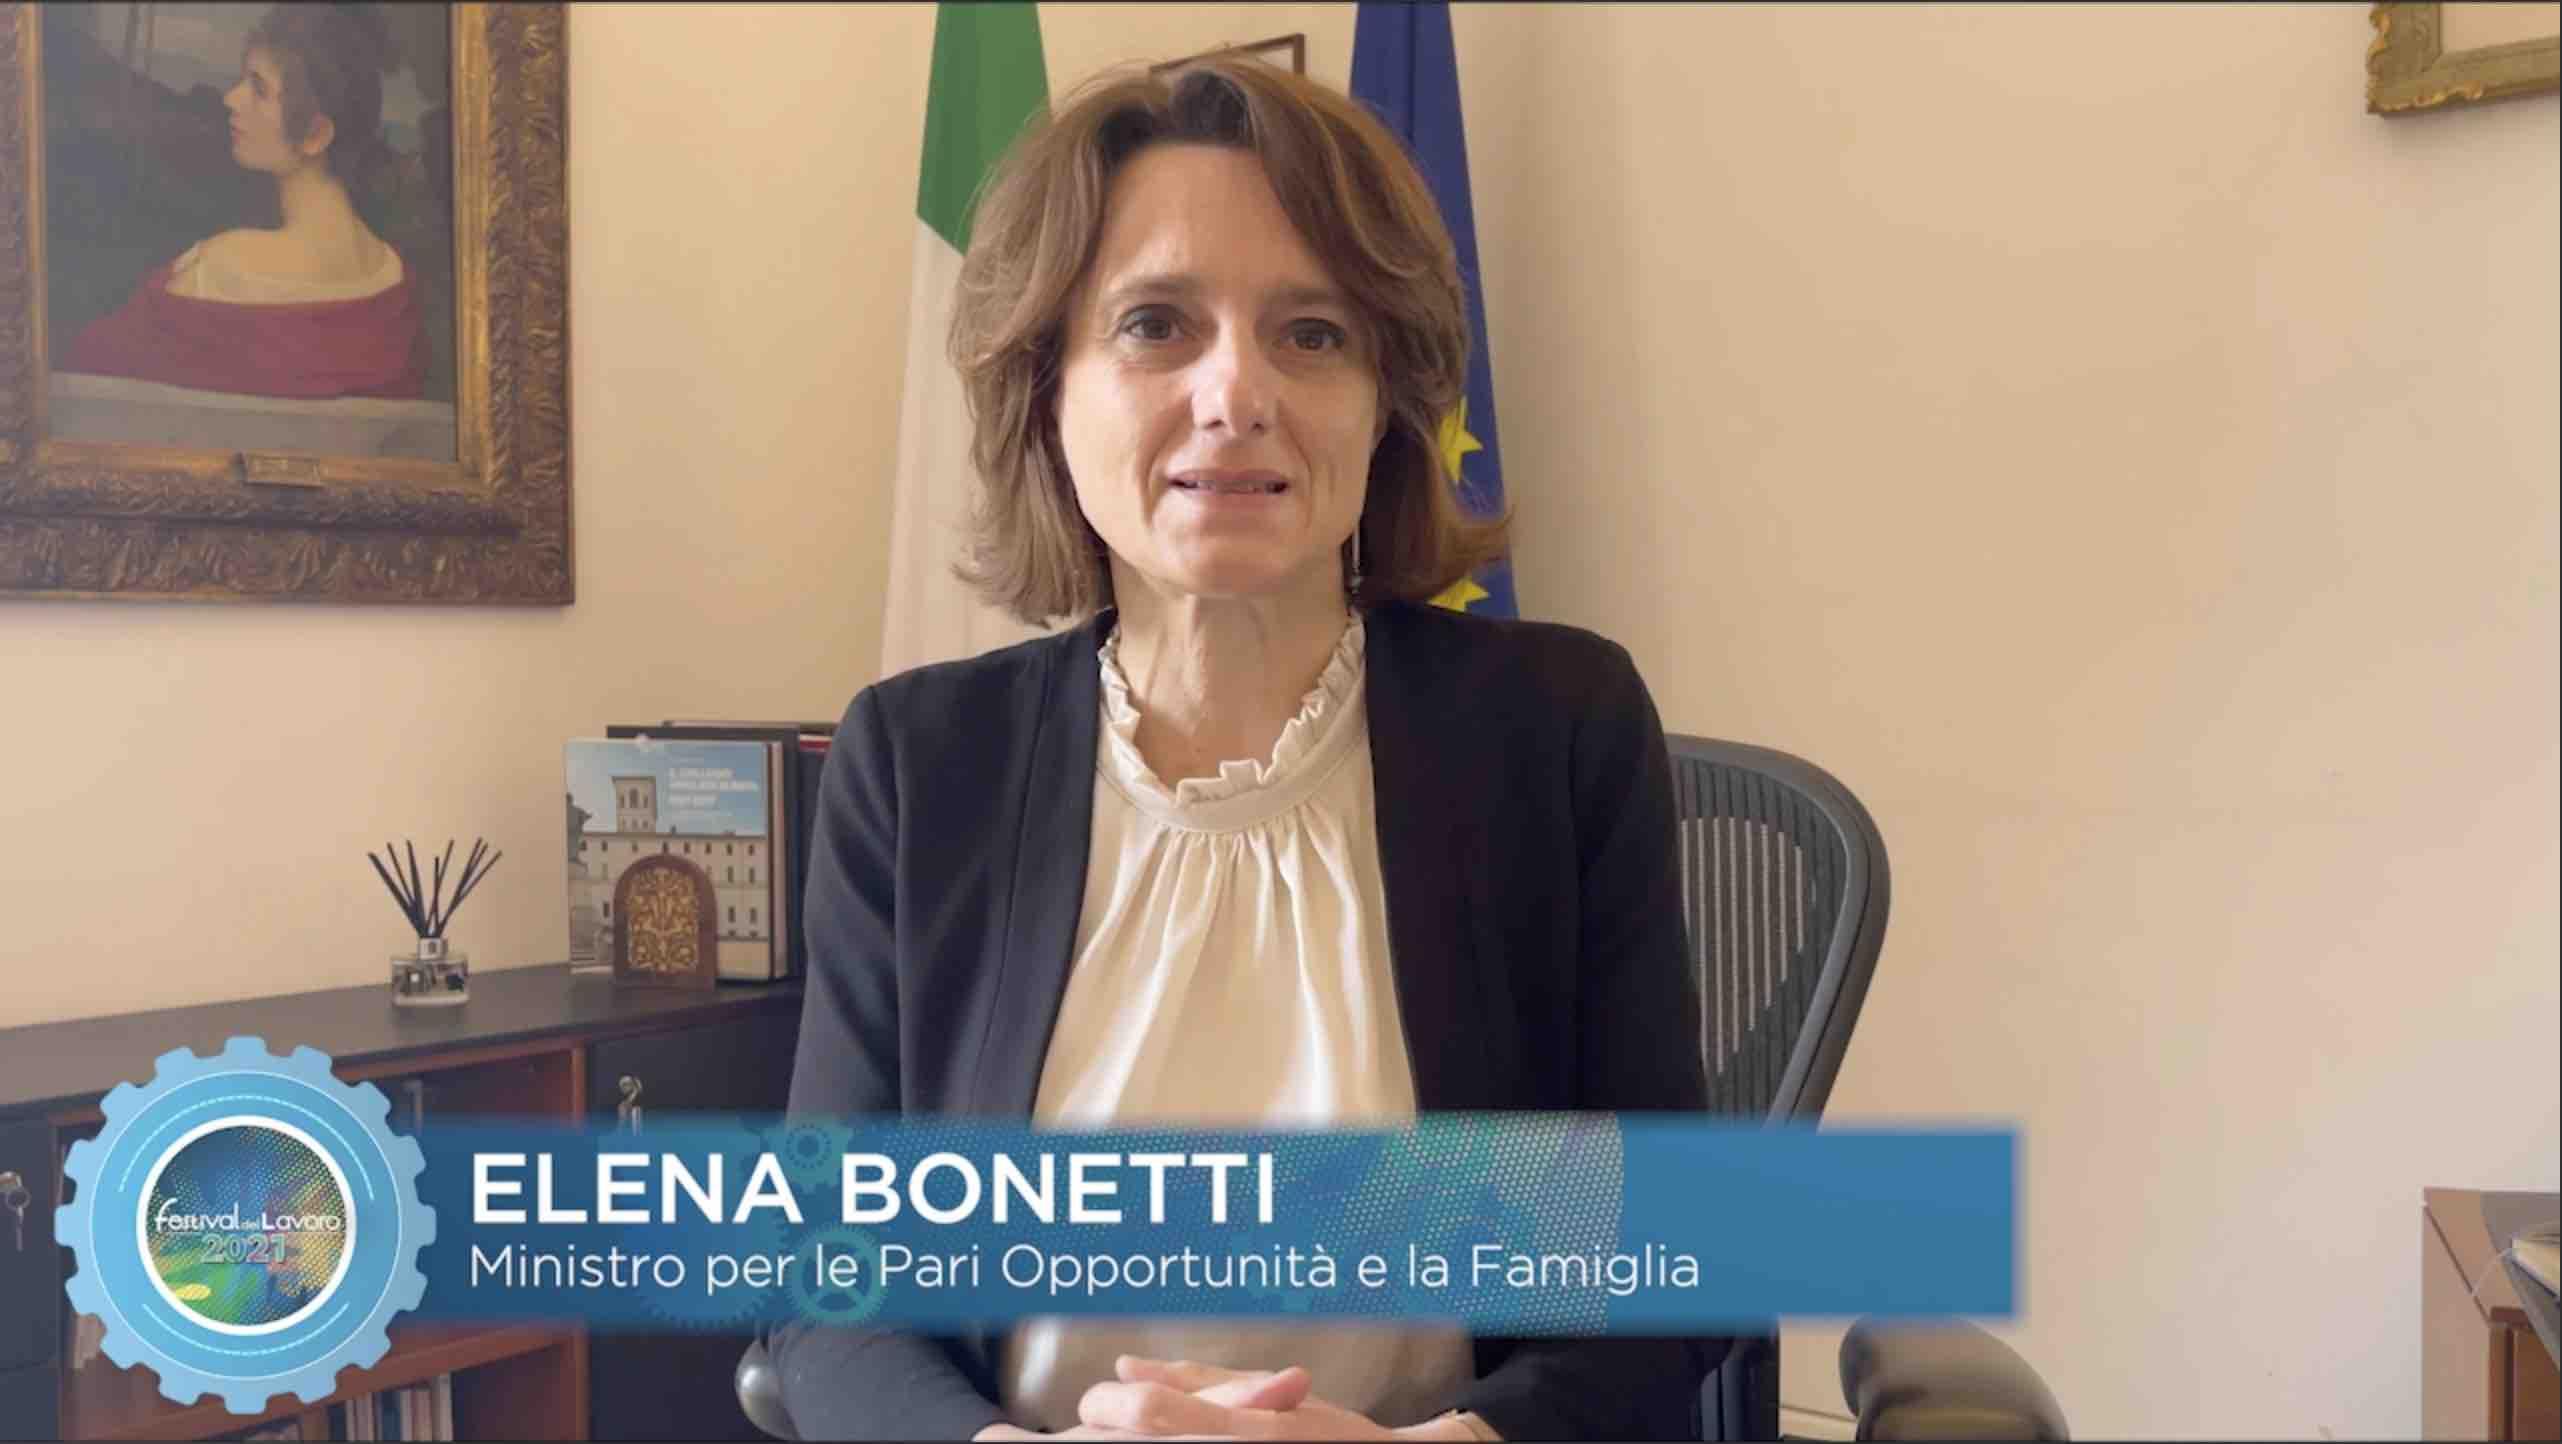 Il videomessaggio del Ministro per le Pari Opportunità e la Famiglia, Erika Bonetti